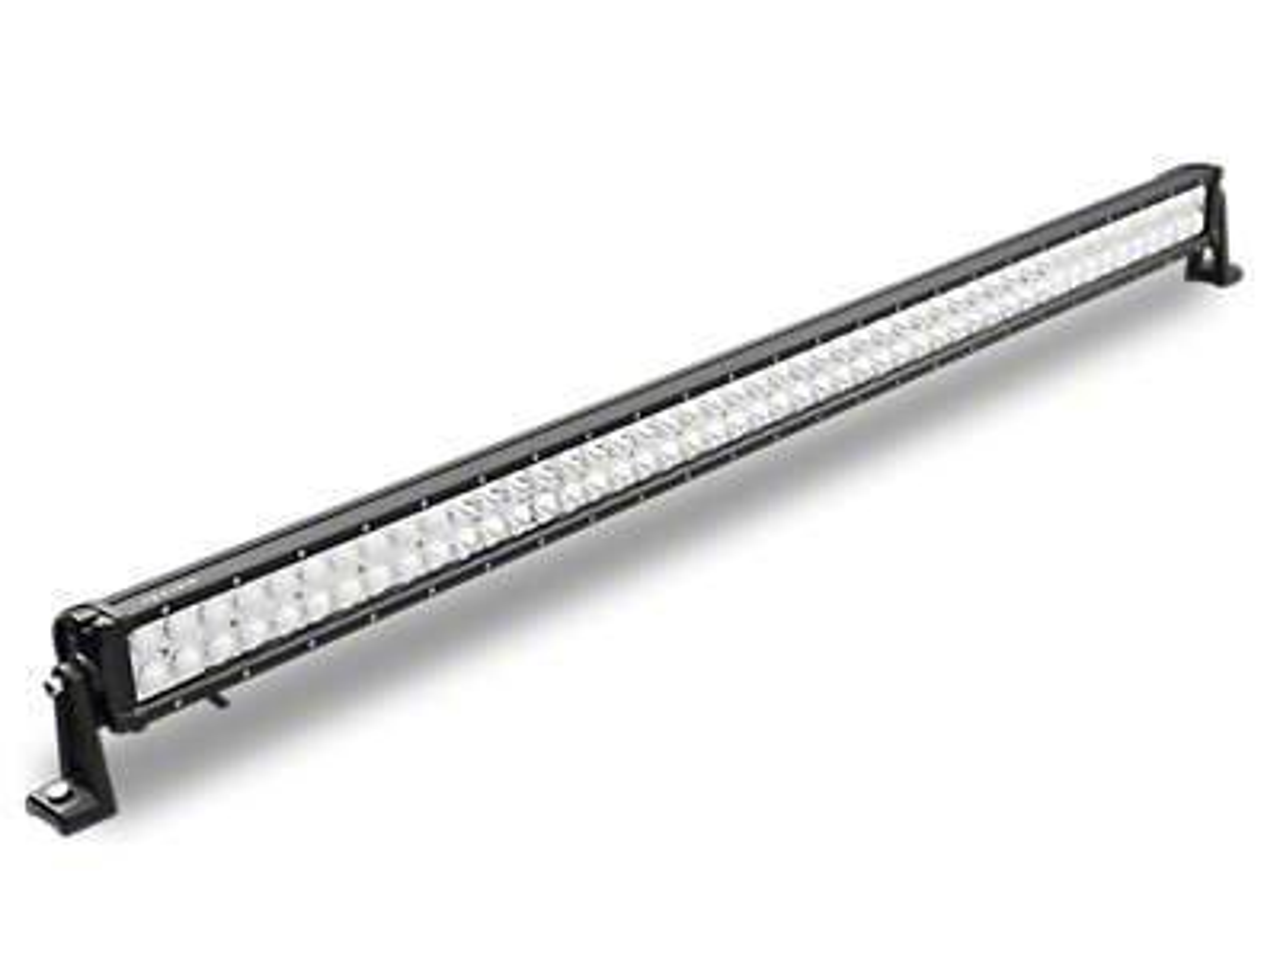 Raxiom 50 in. Dual Row LED Light Bar - Spot/Flood Combo